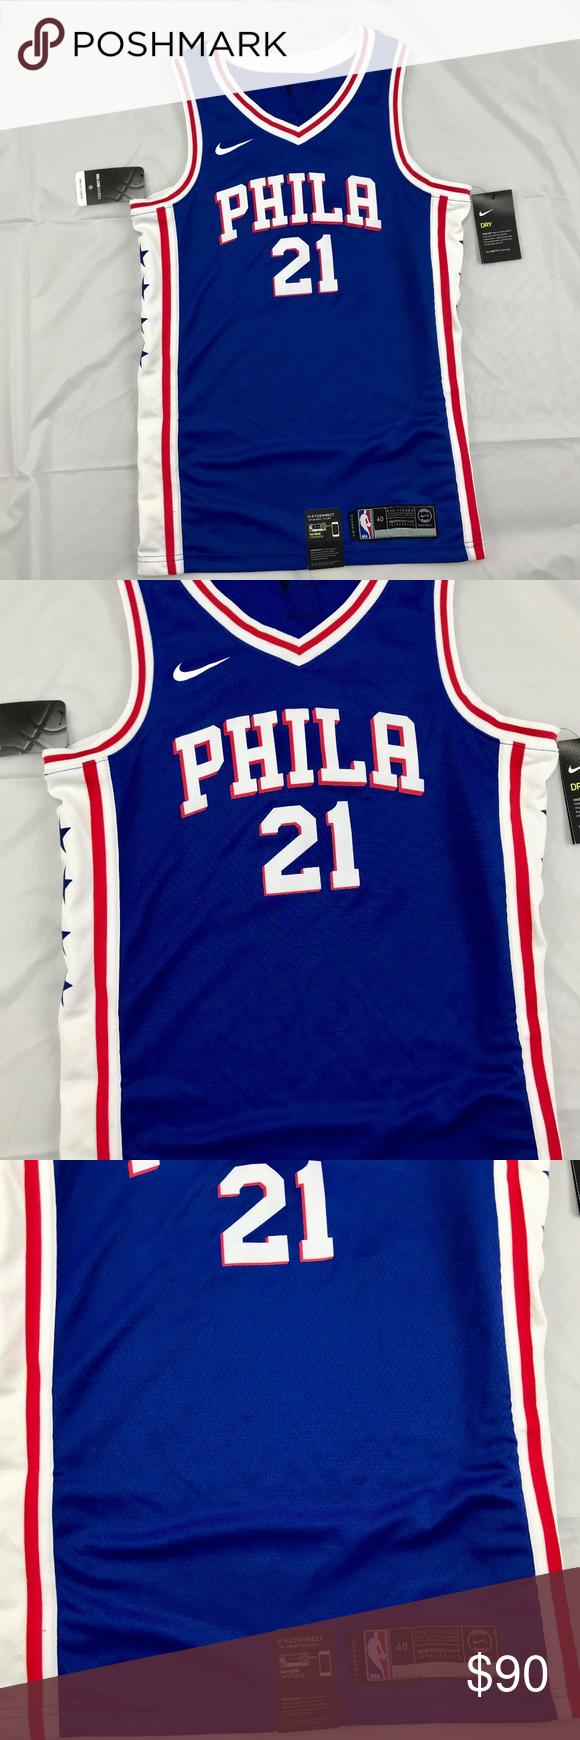 best loved 9eaa7 977b6 Nike NBA Philadelphia 76ers Joel Embiid Jersey Nike NBA ...